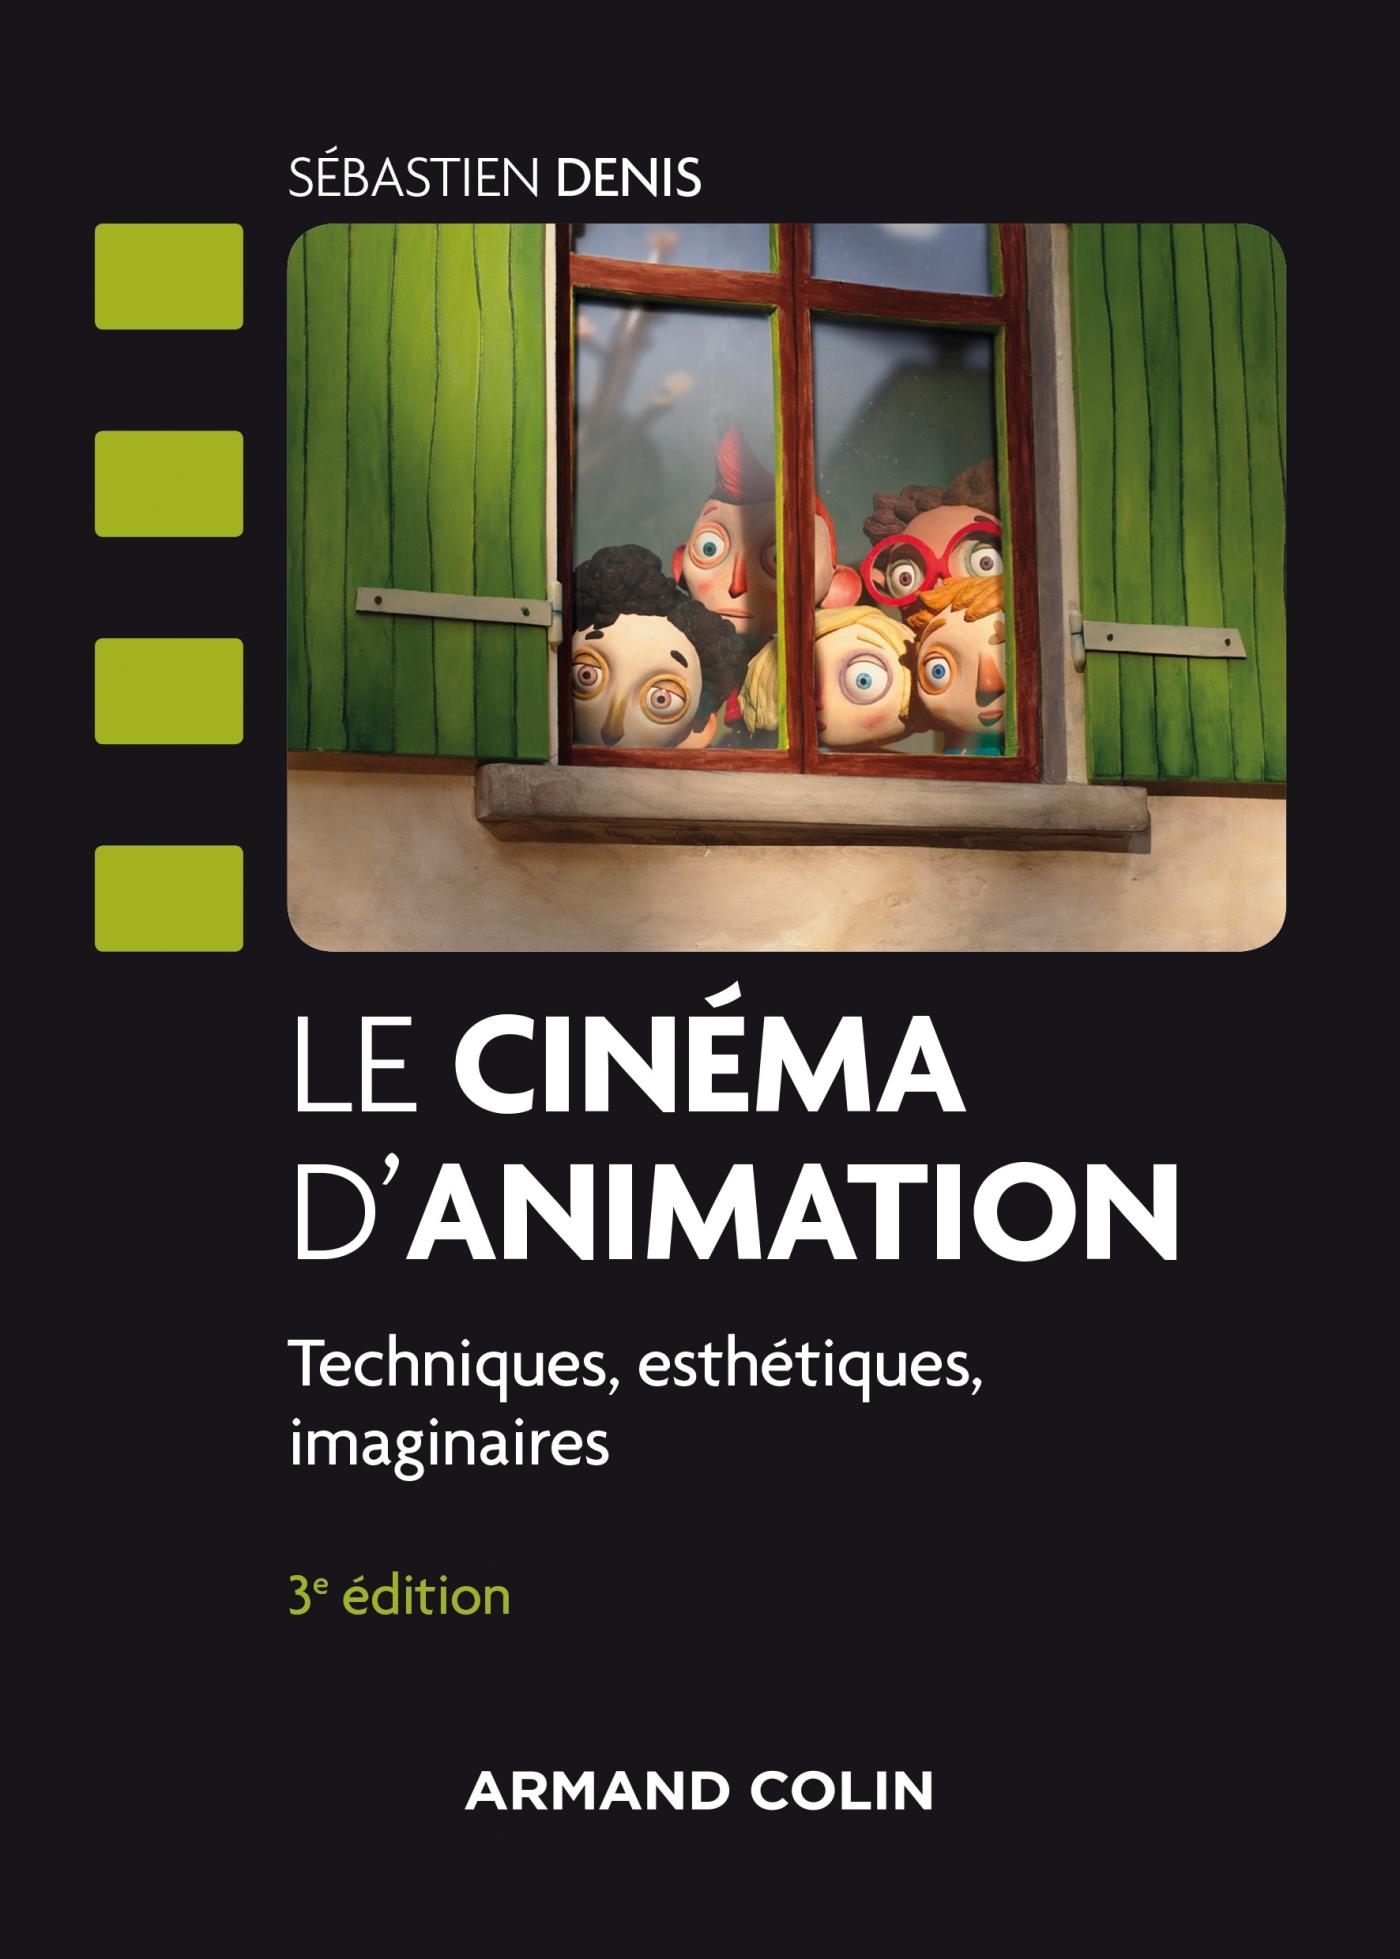 Le cinéma d'animation - 3e éd. | Denis, Sébastien. Auteur